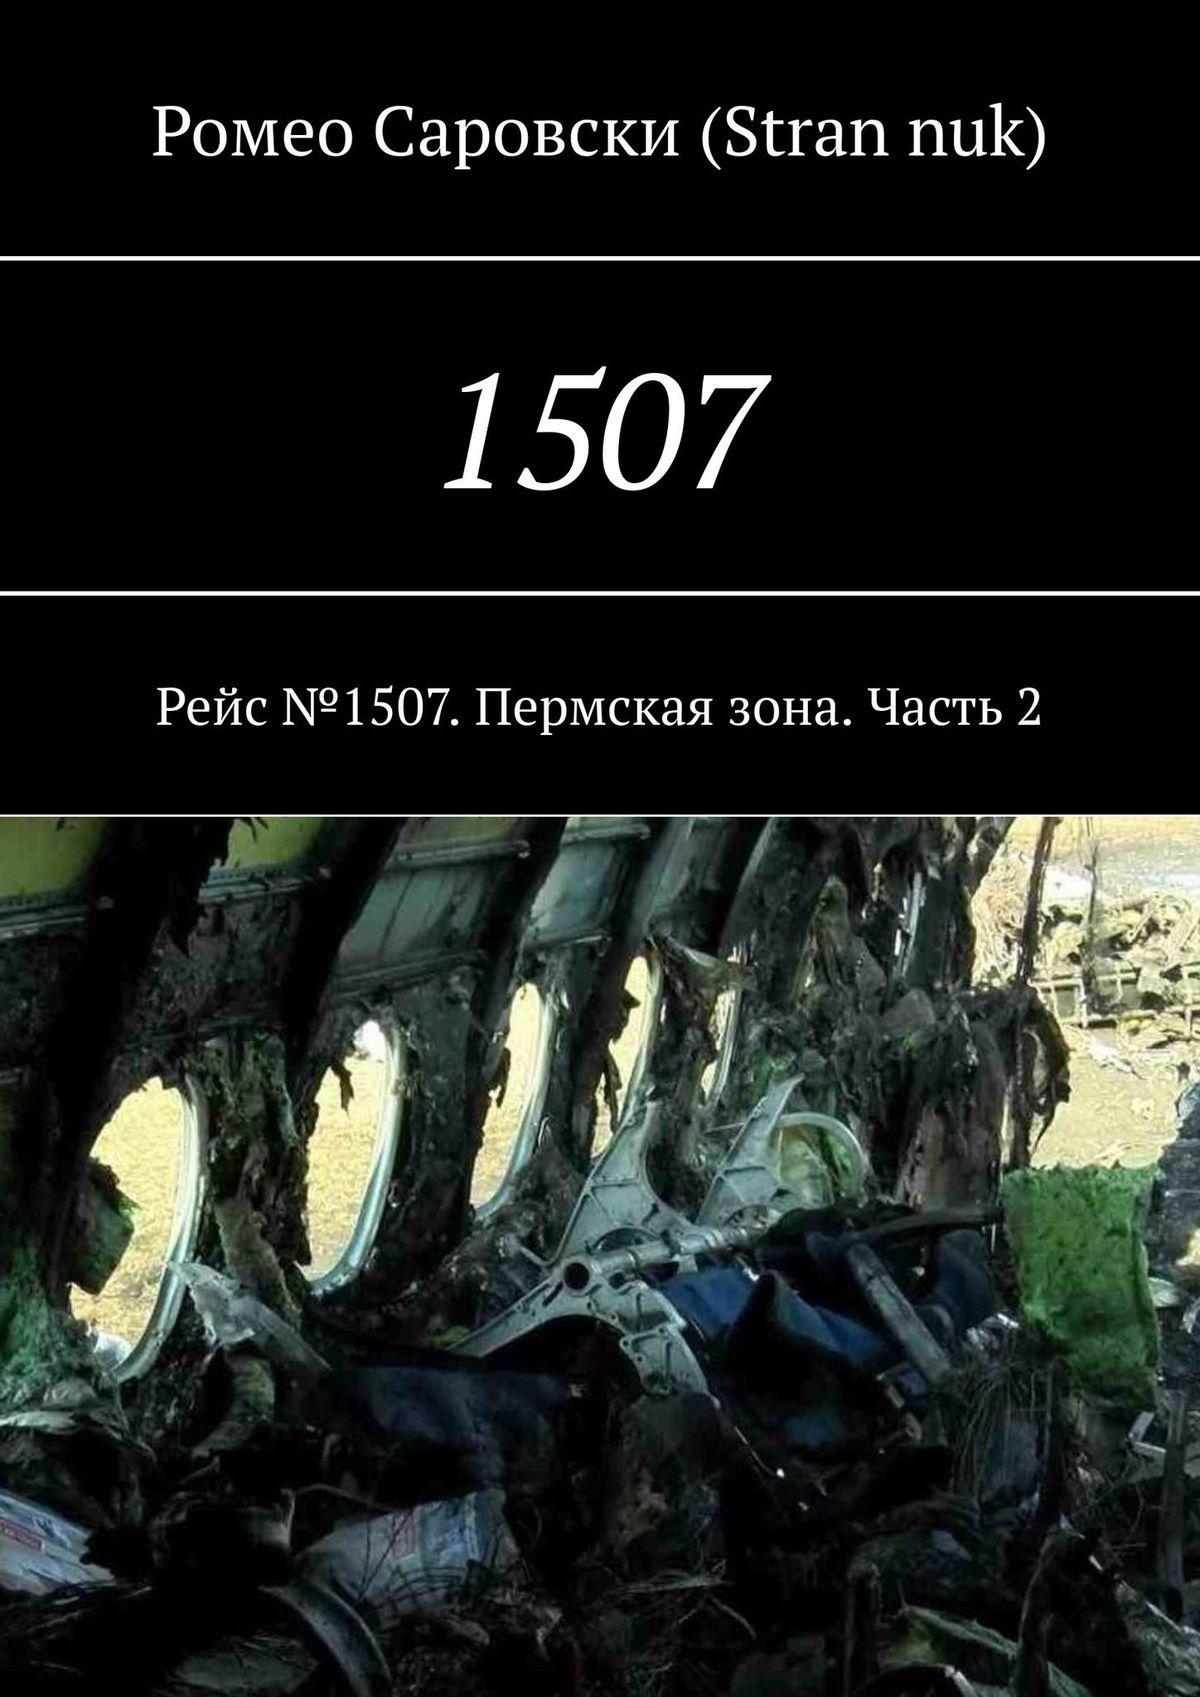 Роман Чукмасов (Strannuk) 1507. Рейс №1507. Пермскаязона. Часть 2